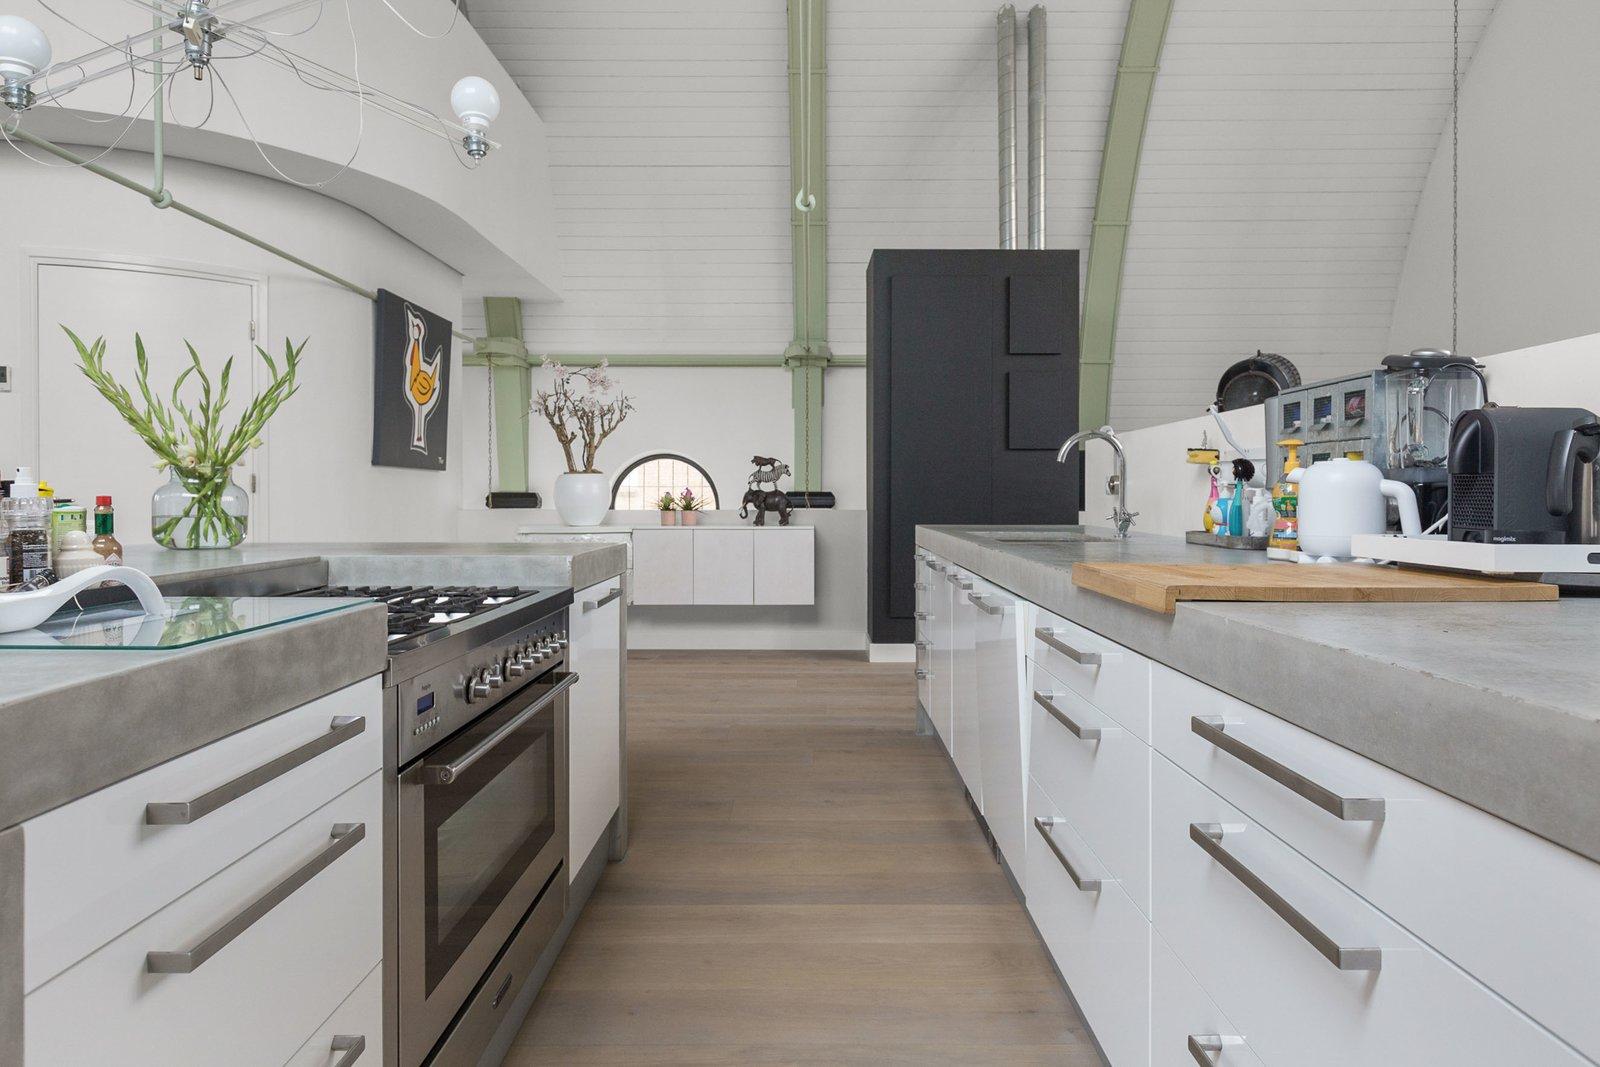 La cucina / Sotheby's